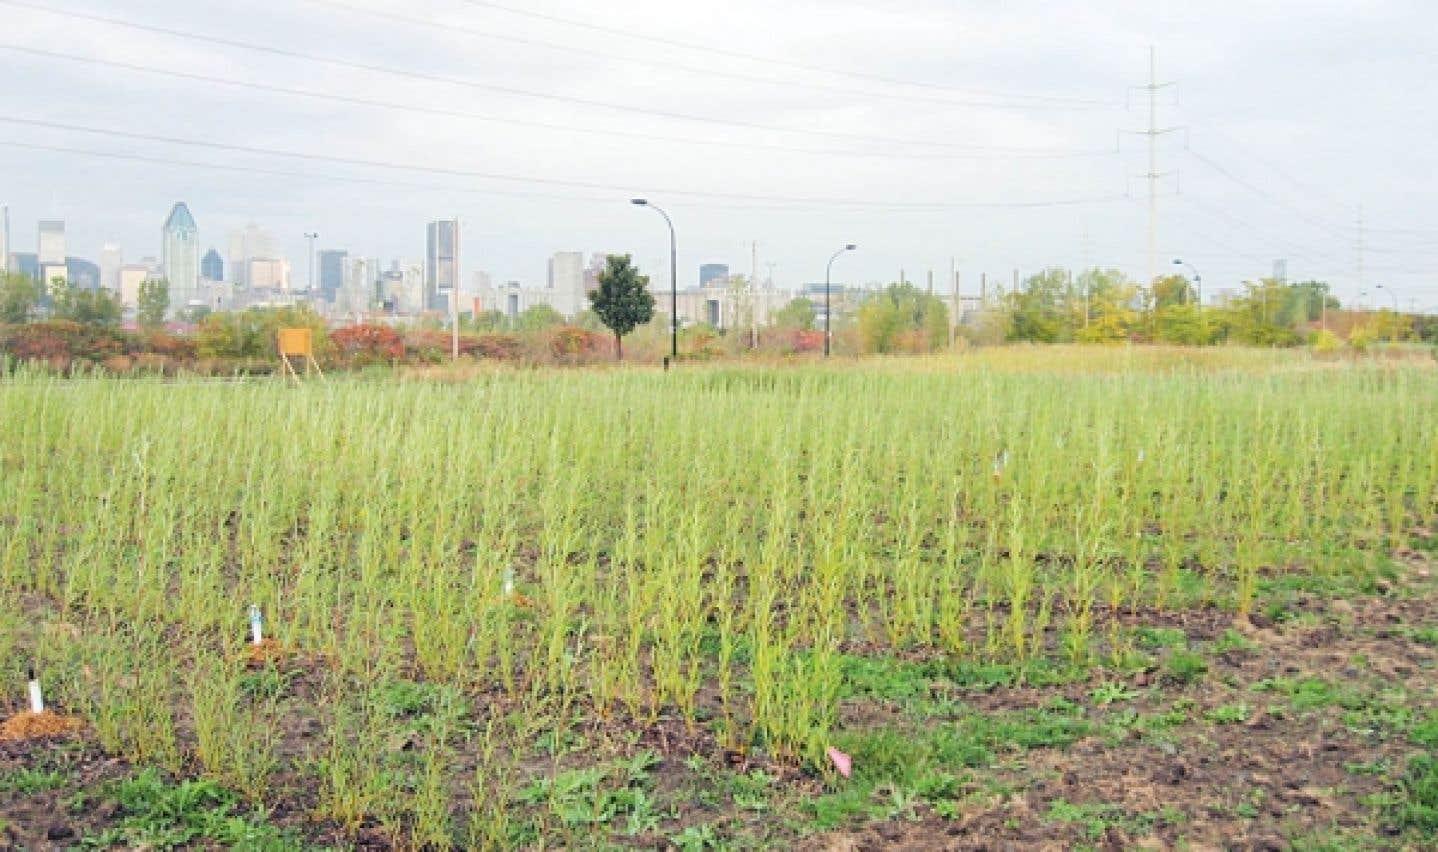 Au parc d'entreprises de la Pointe–Saint-Charles, l'équipe de l'Institut de recherche en biologie végétale pratique la phytostabilisation sur ce site d'enfouissement de déchets industriels et domestiques.